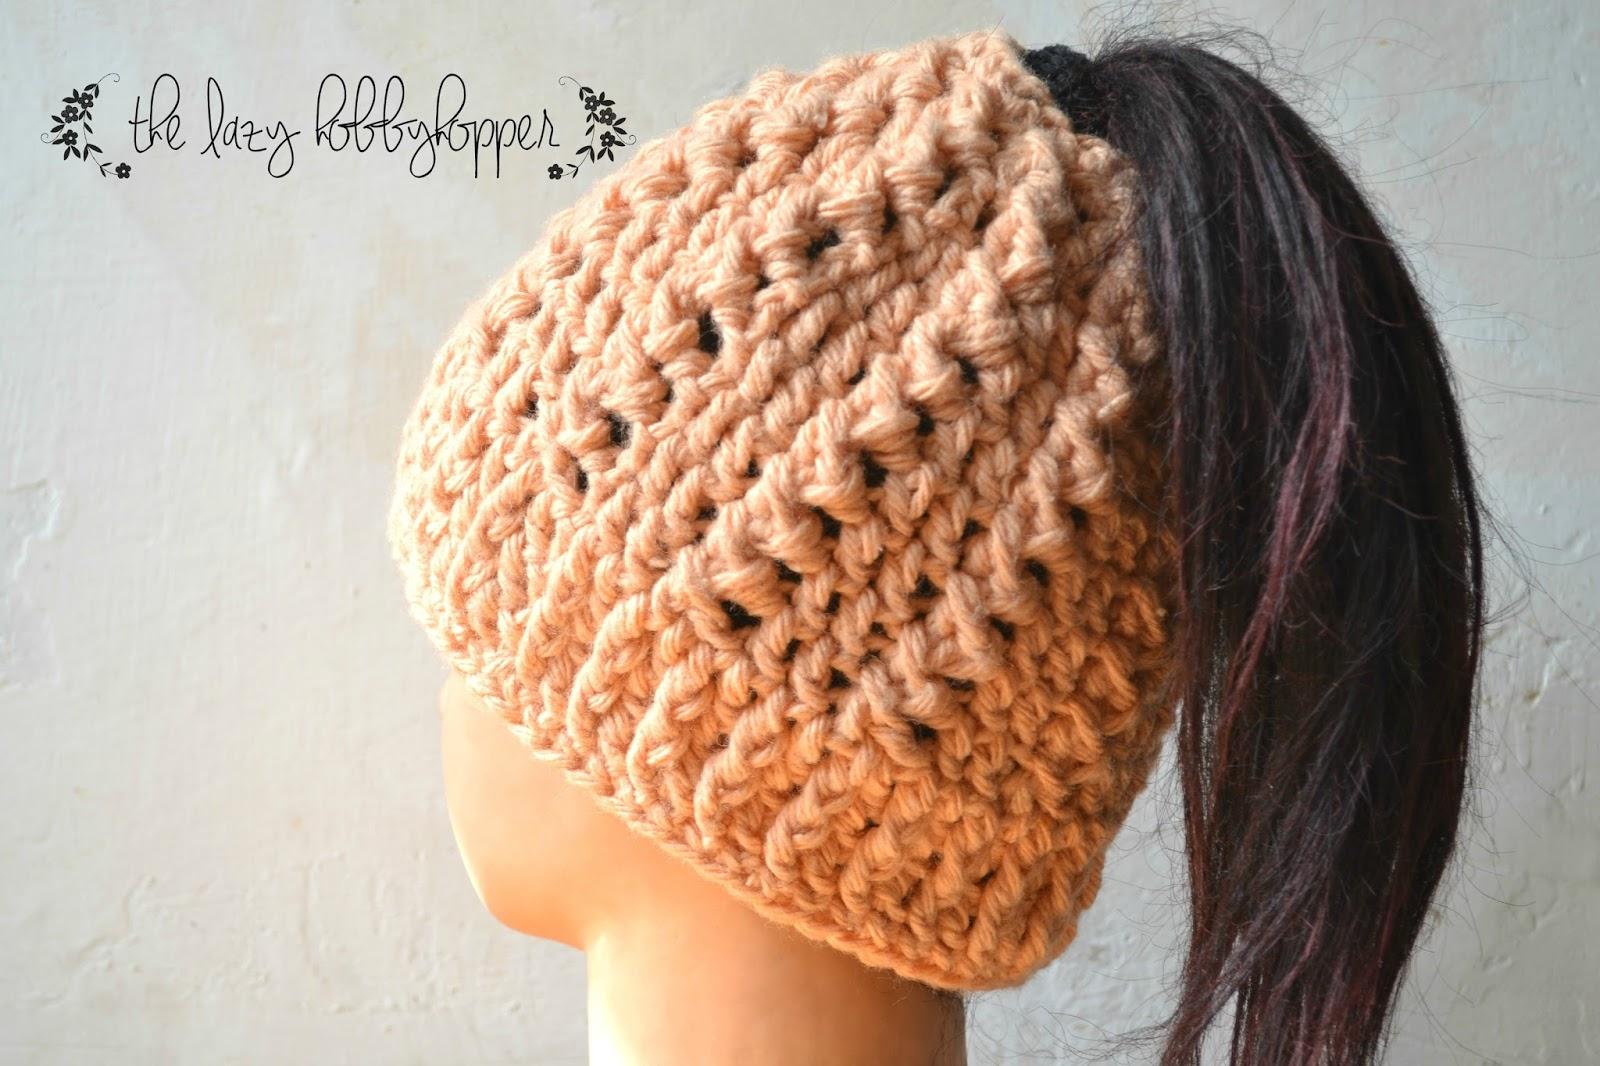 bf17e50a0b6e4 The Lazy Hobbyhopper  Messy bun hat - free pattern